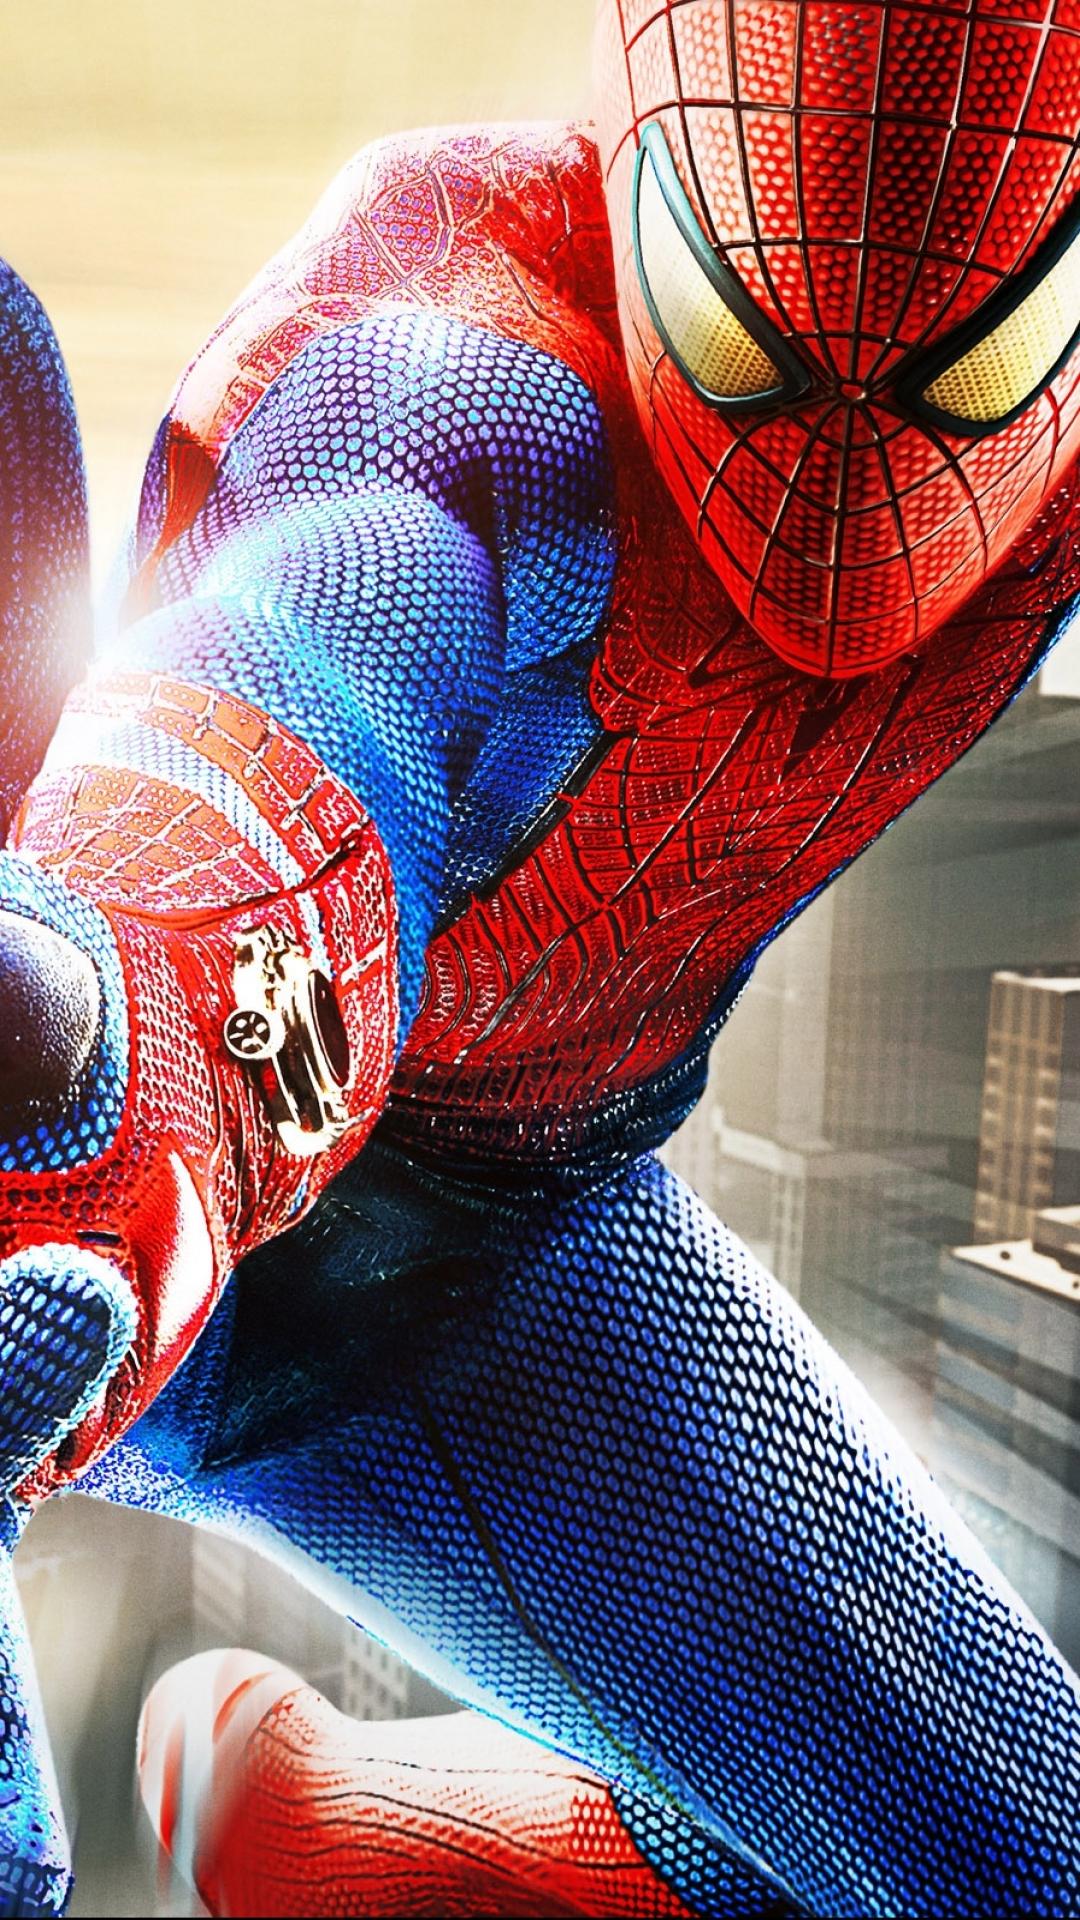 Spiderman Hd Wallpaper Full Screen - HD Wallpaper